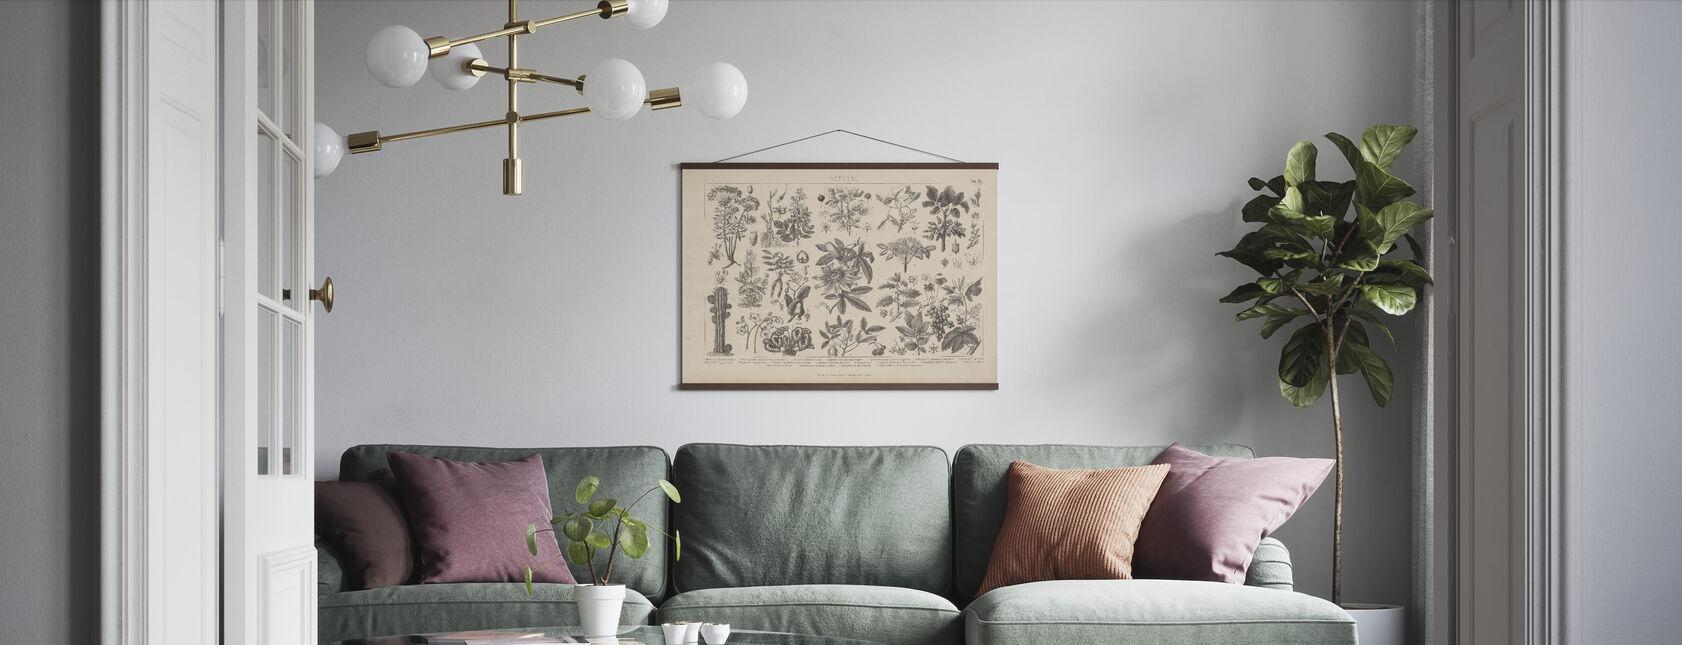 Botanik im Vintage - Poster - Wohnzimmer